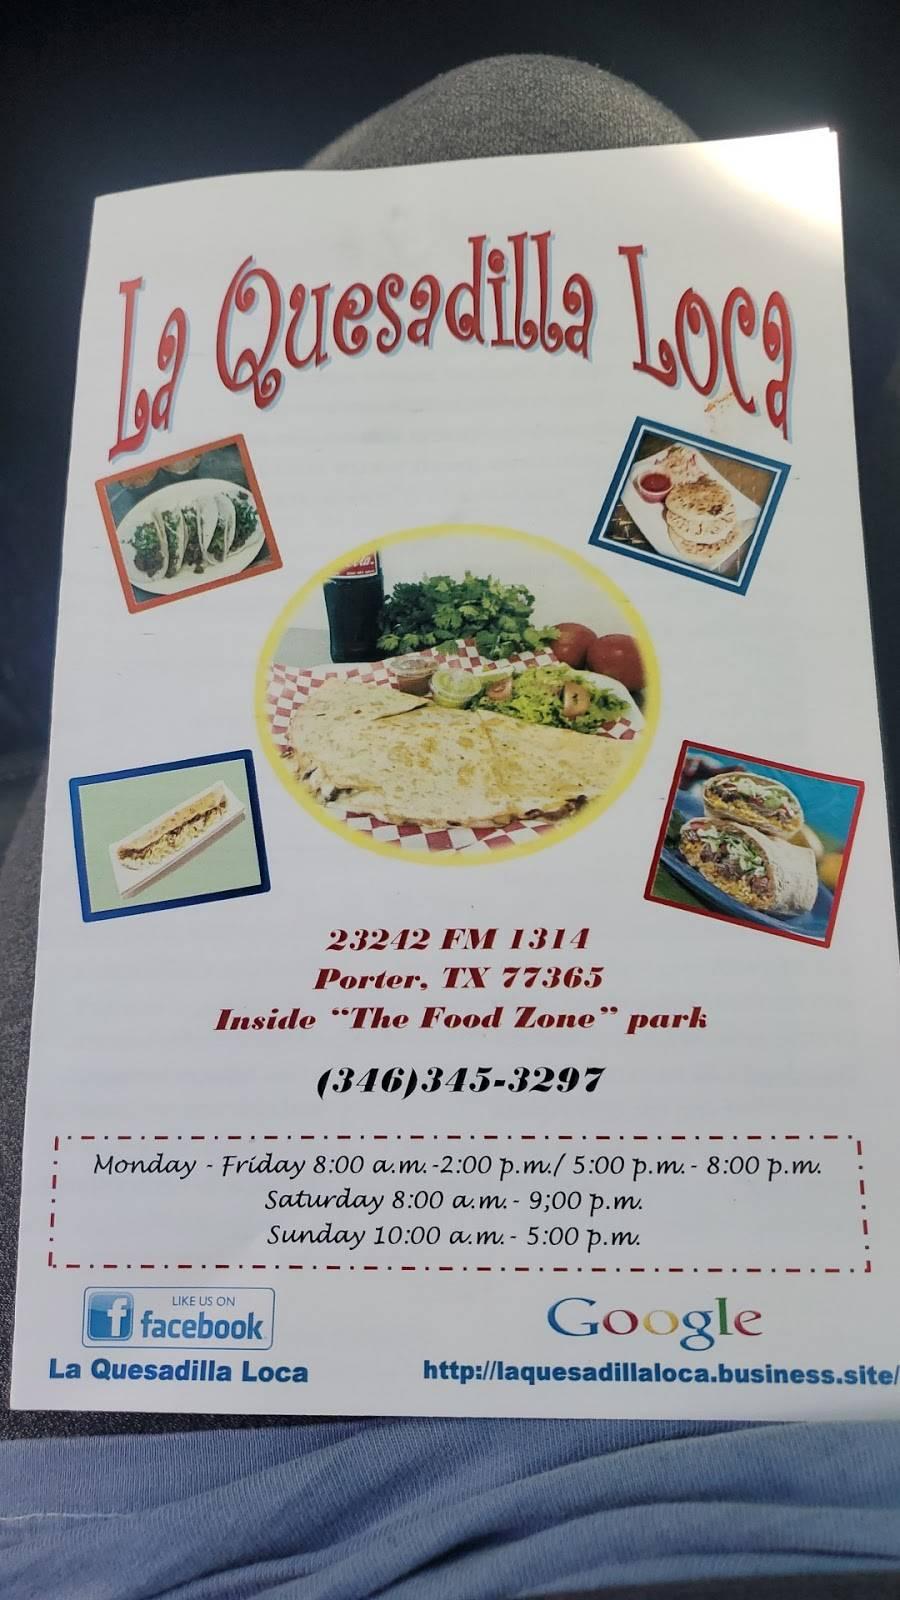 La Quesadilla Loca | restaurant | 23242 FM1314, Porter, TX 77365, USA | 3463453297 OR +1 346-345-3297